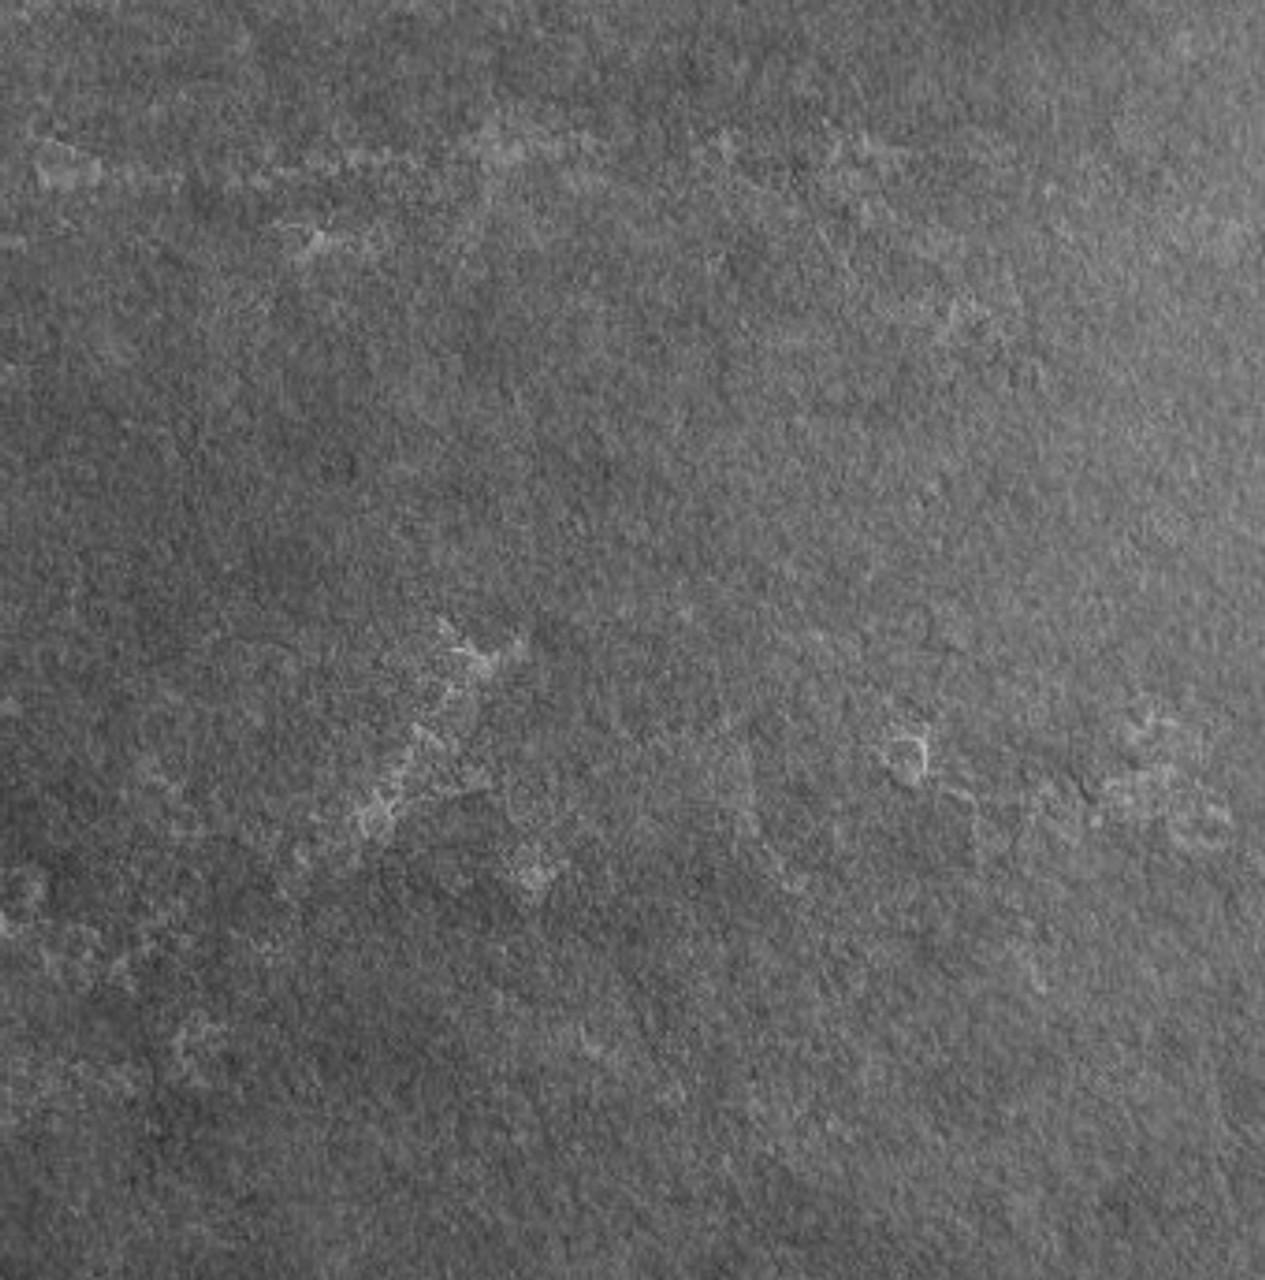 Black Slate Natural Cleft Sample